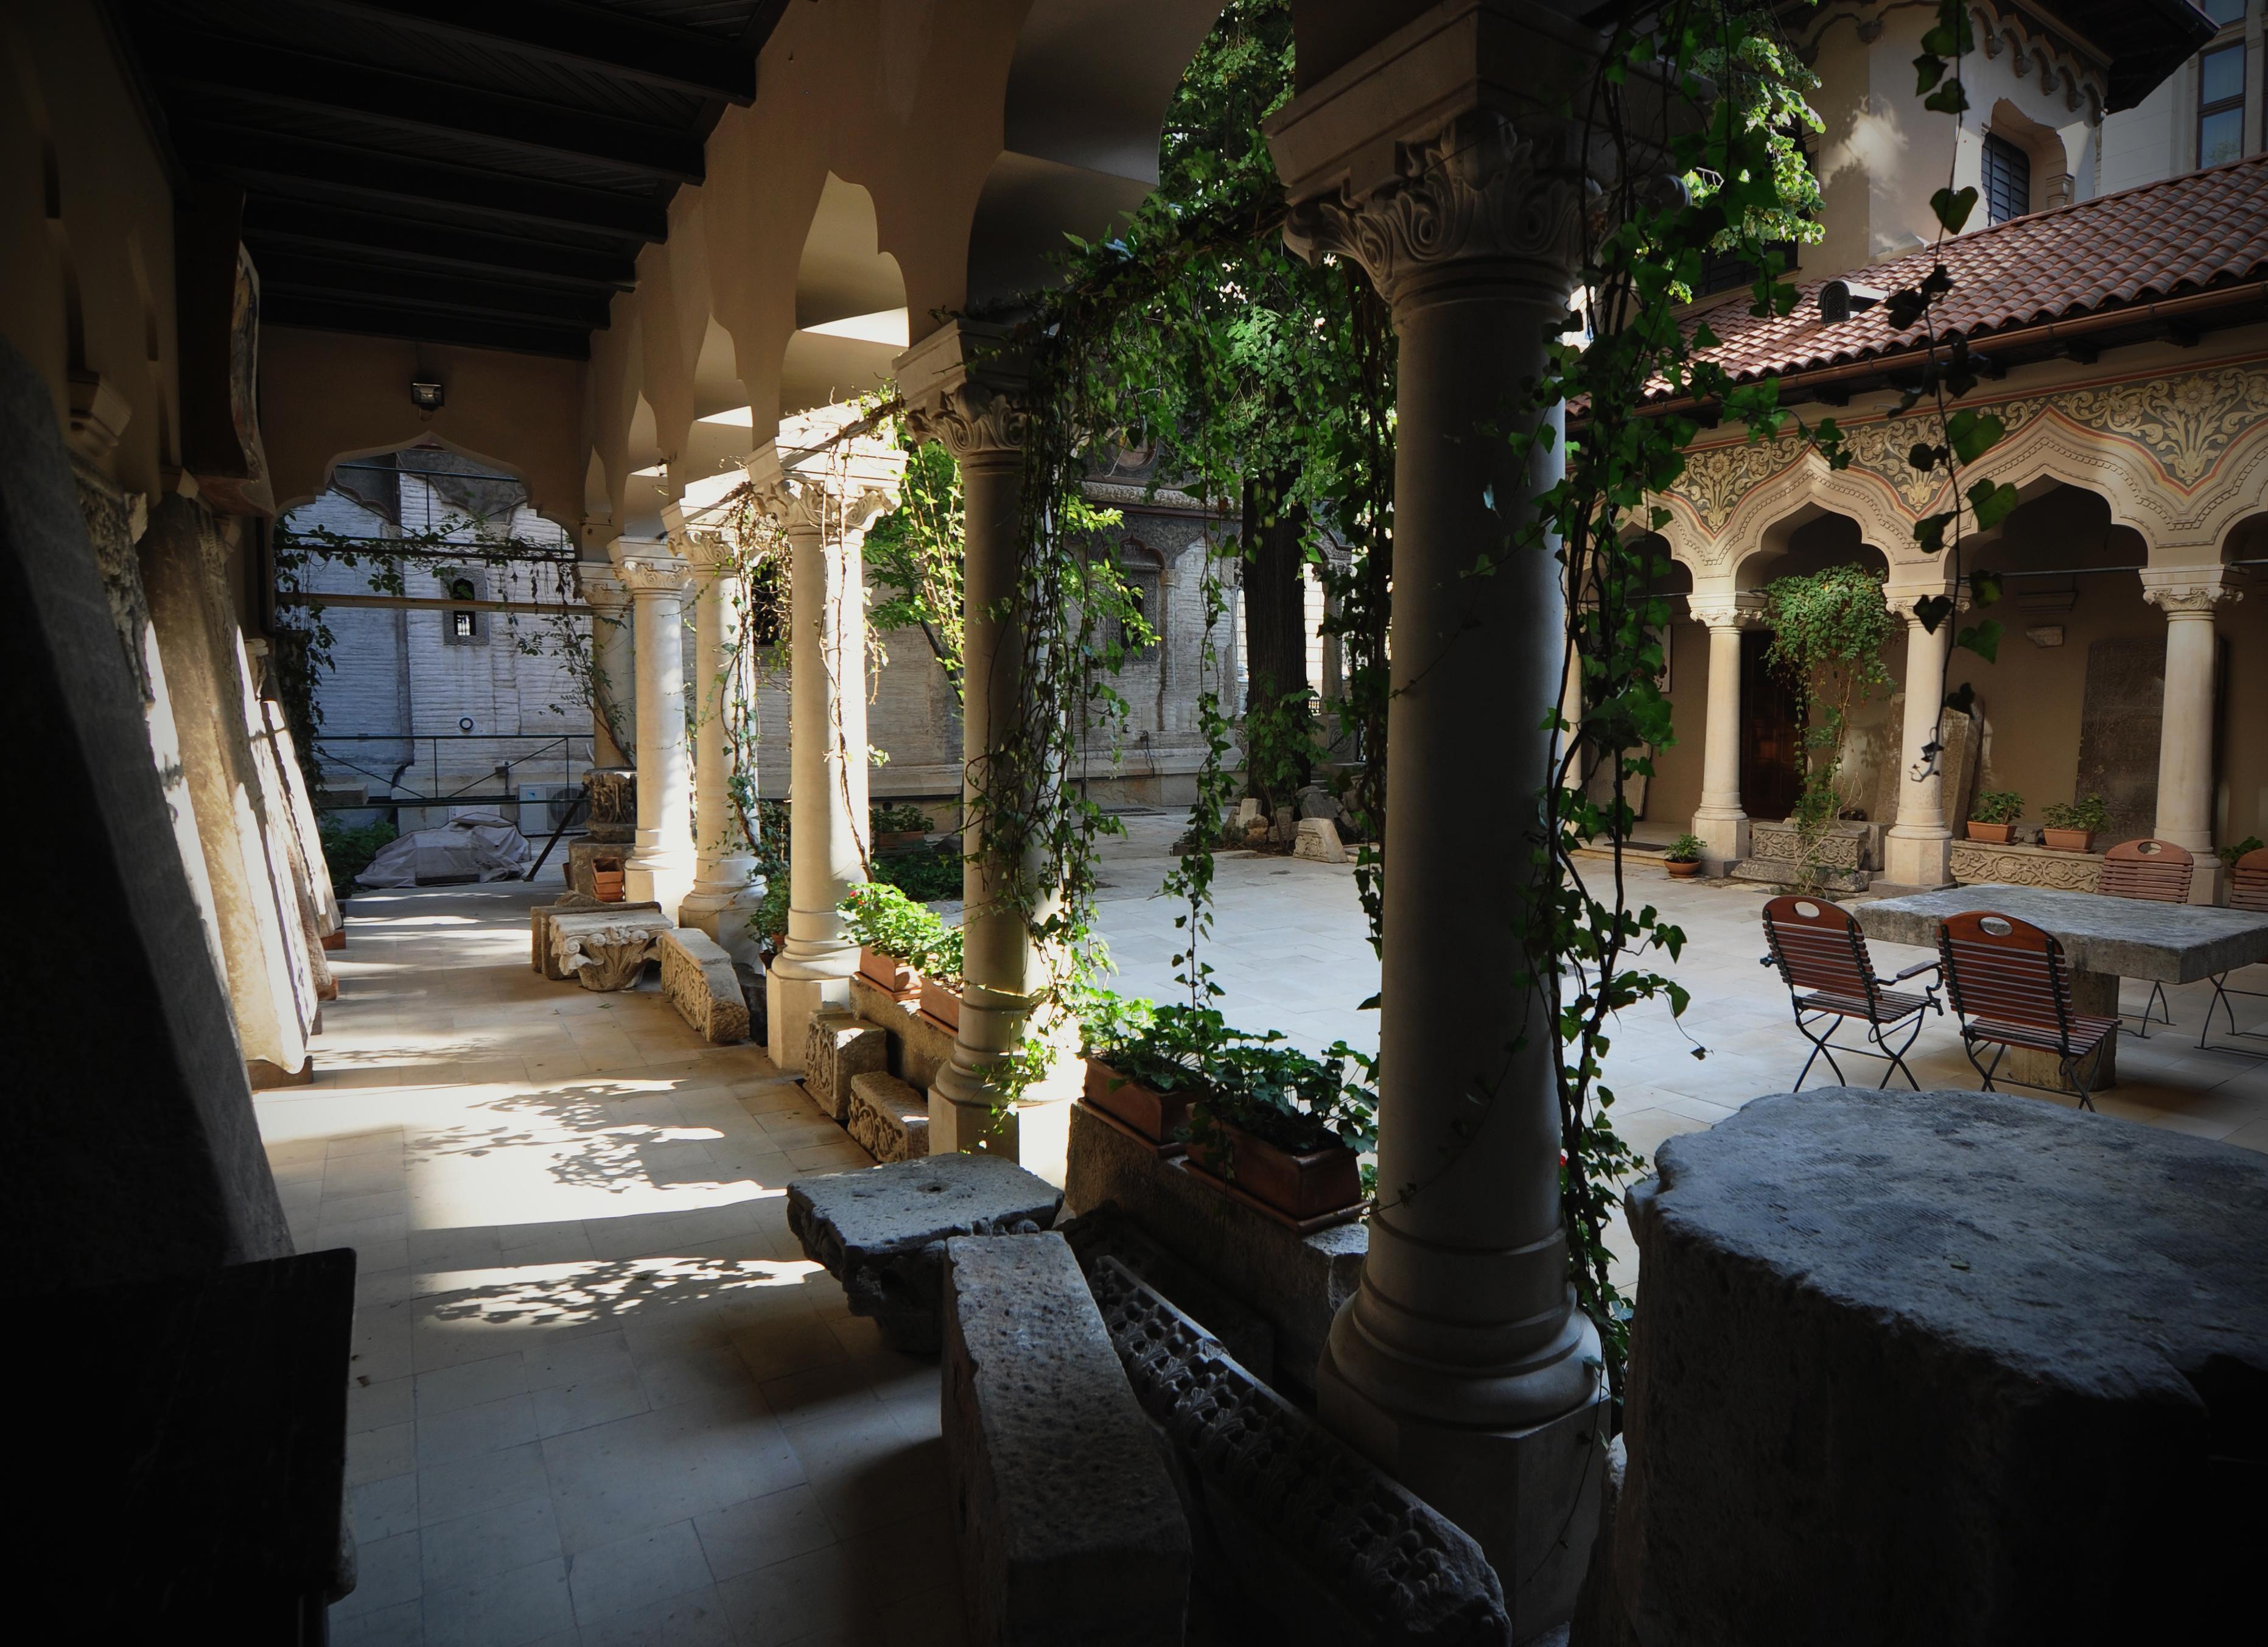 Kostenlose Bild: Architektur, Haus, Haus außen, Struktur, alten ...